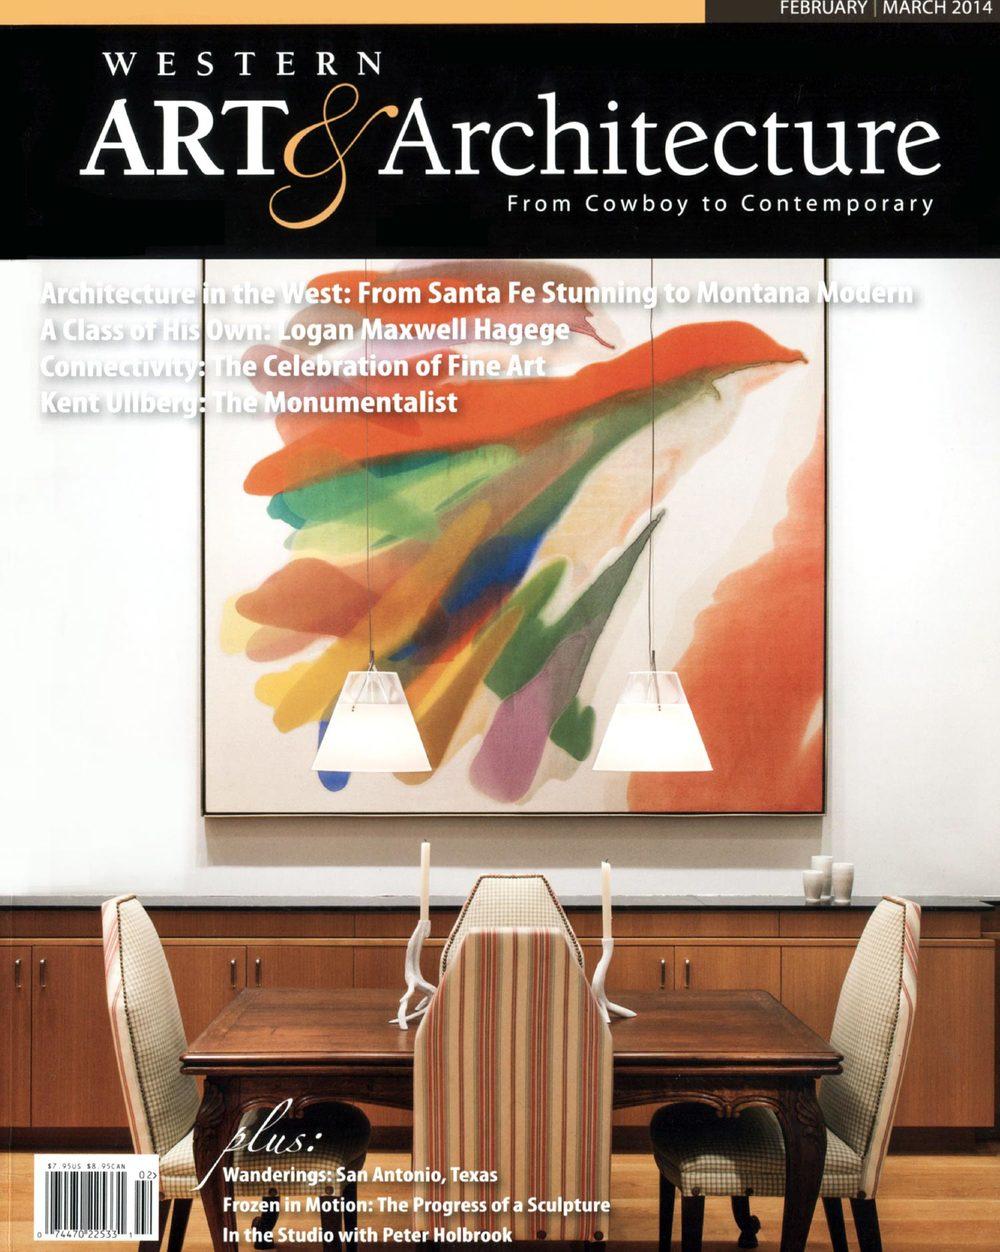 WesternArt-Architecture'.jpg